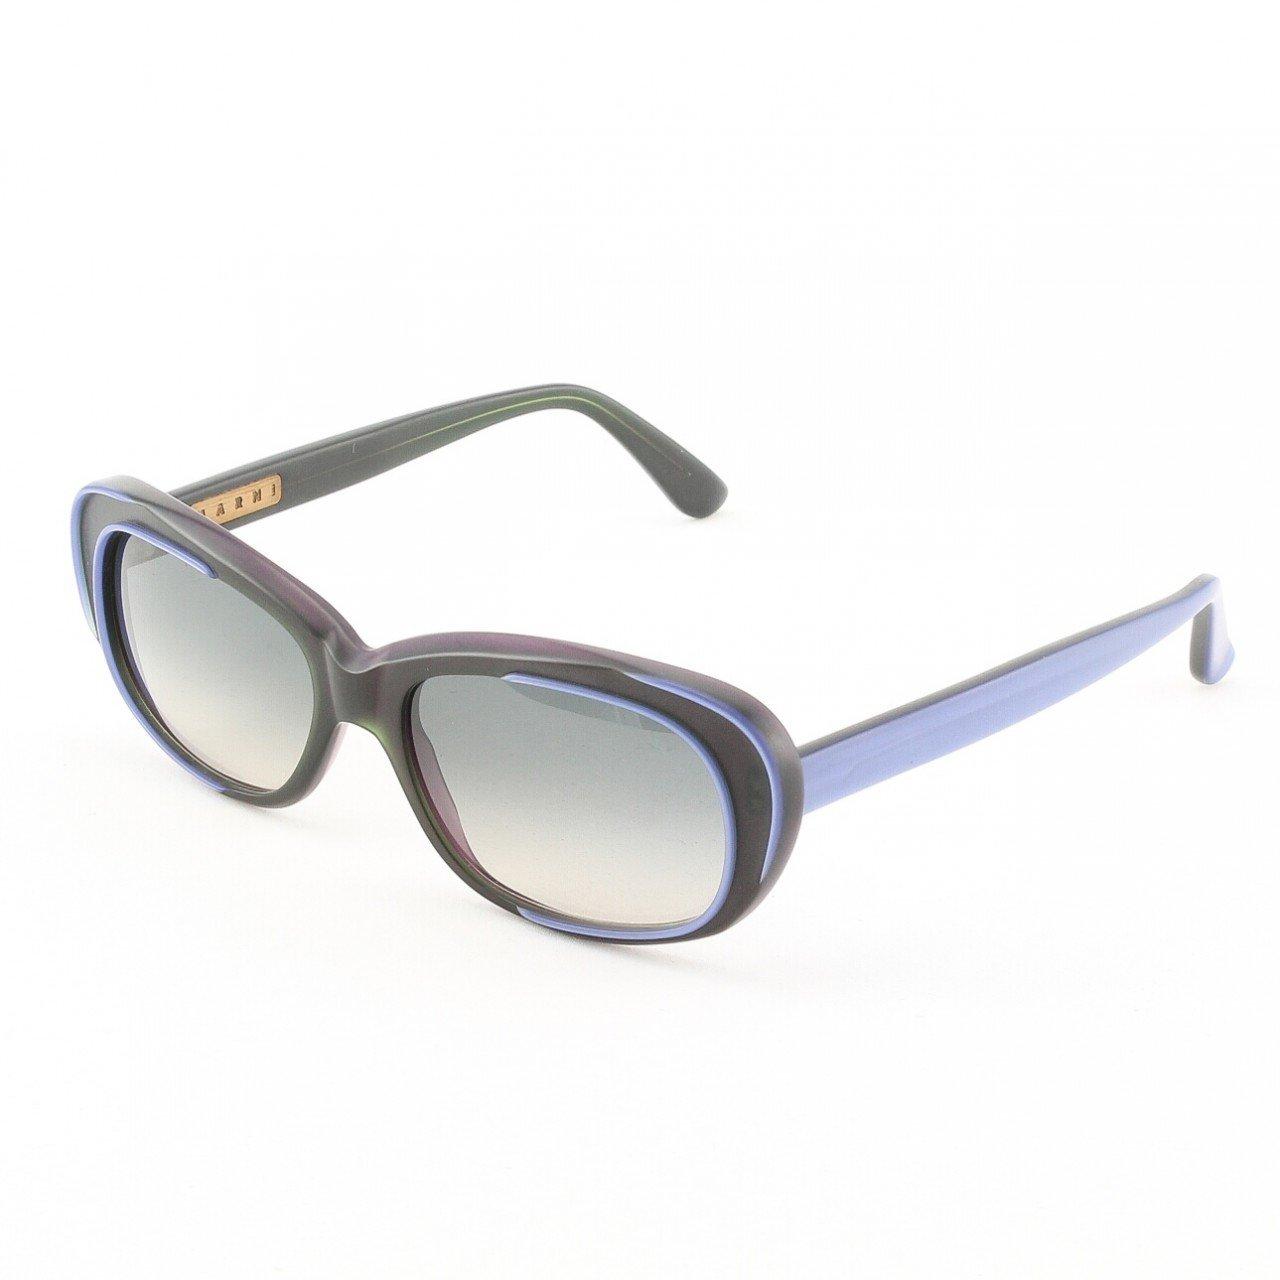 Marni MA174S Sunglasses Col. 06 Graphic Grey w/ Purple Accents with Gray Gradient Lenses